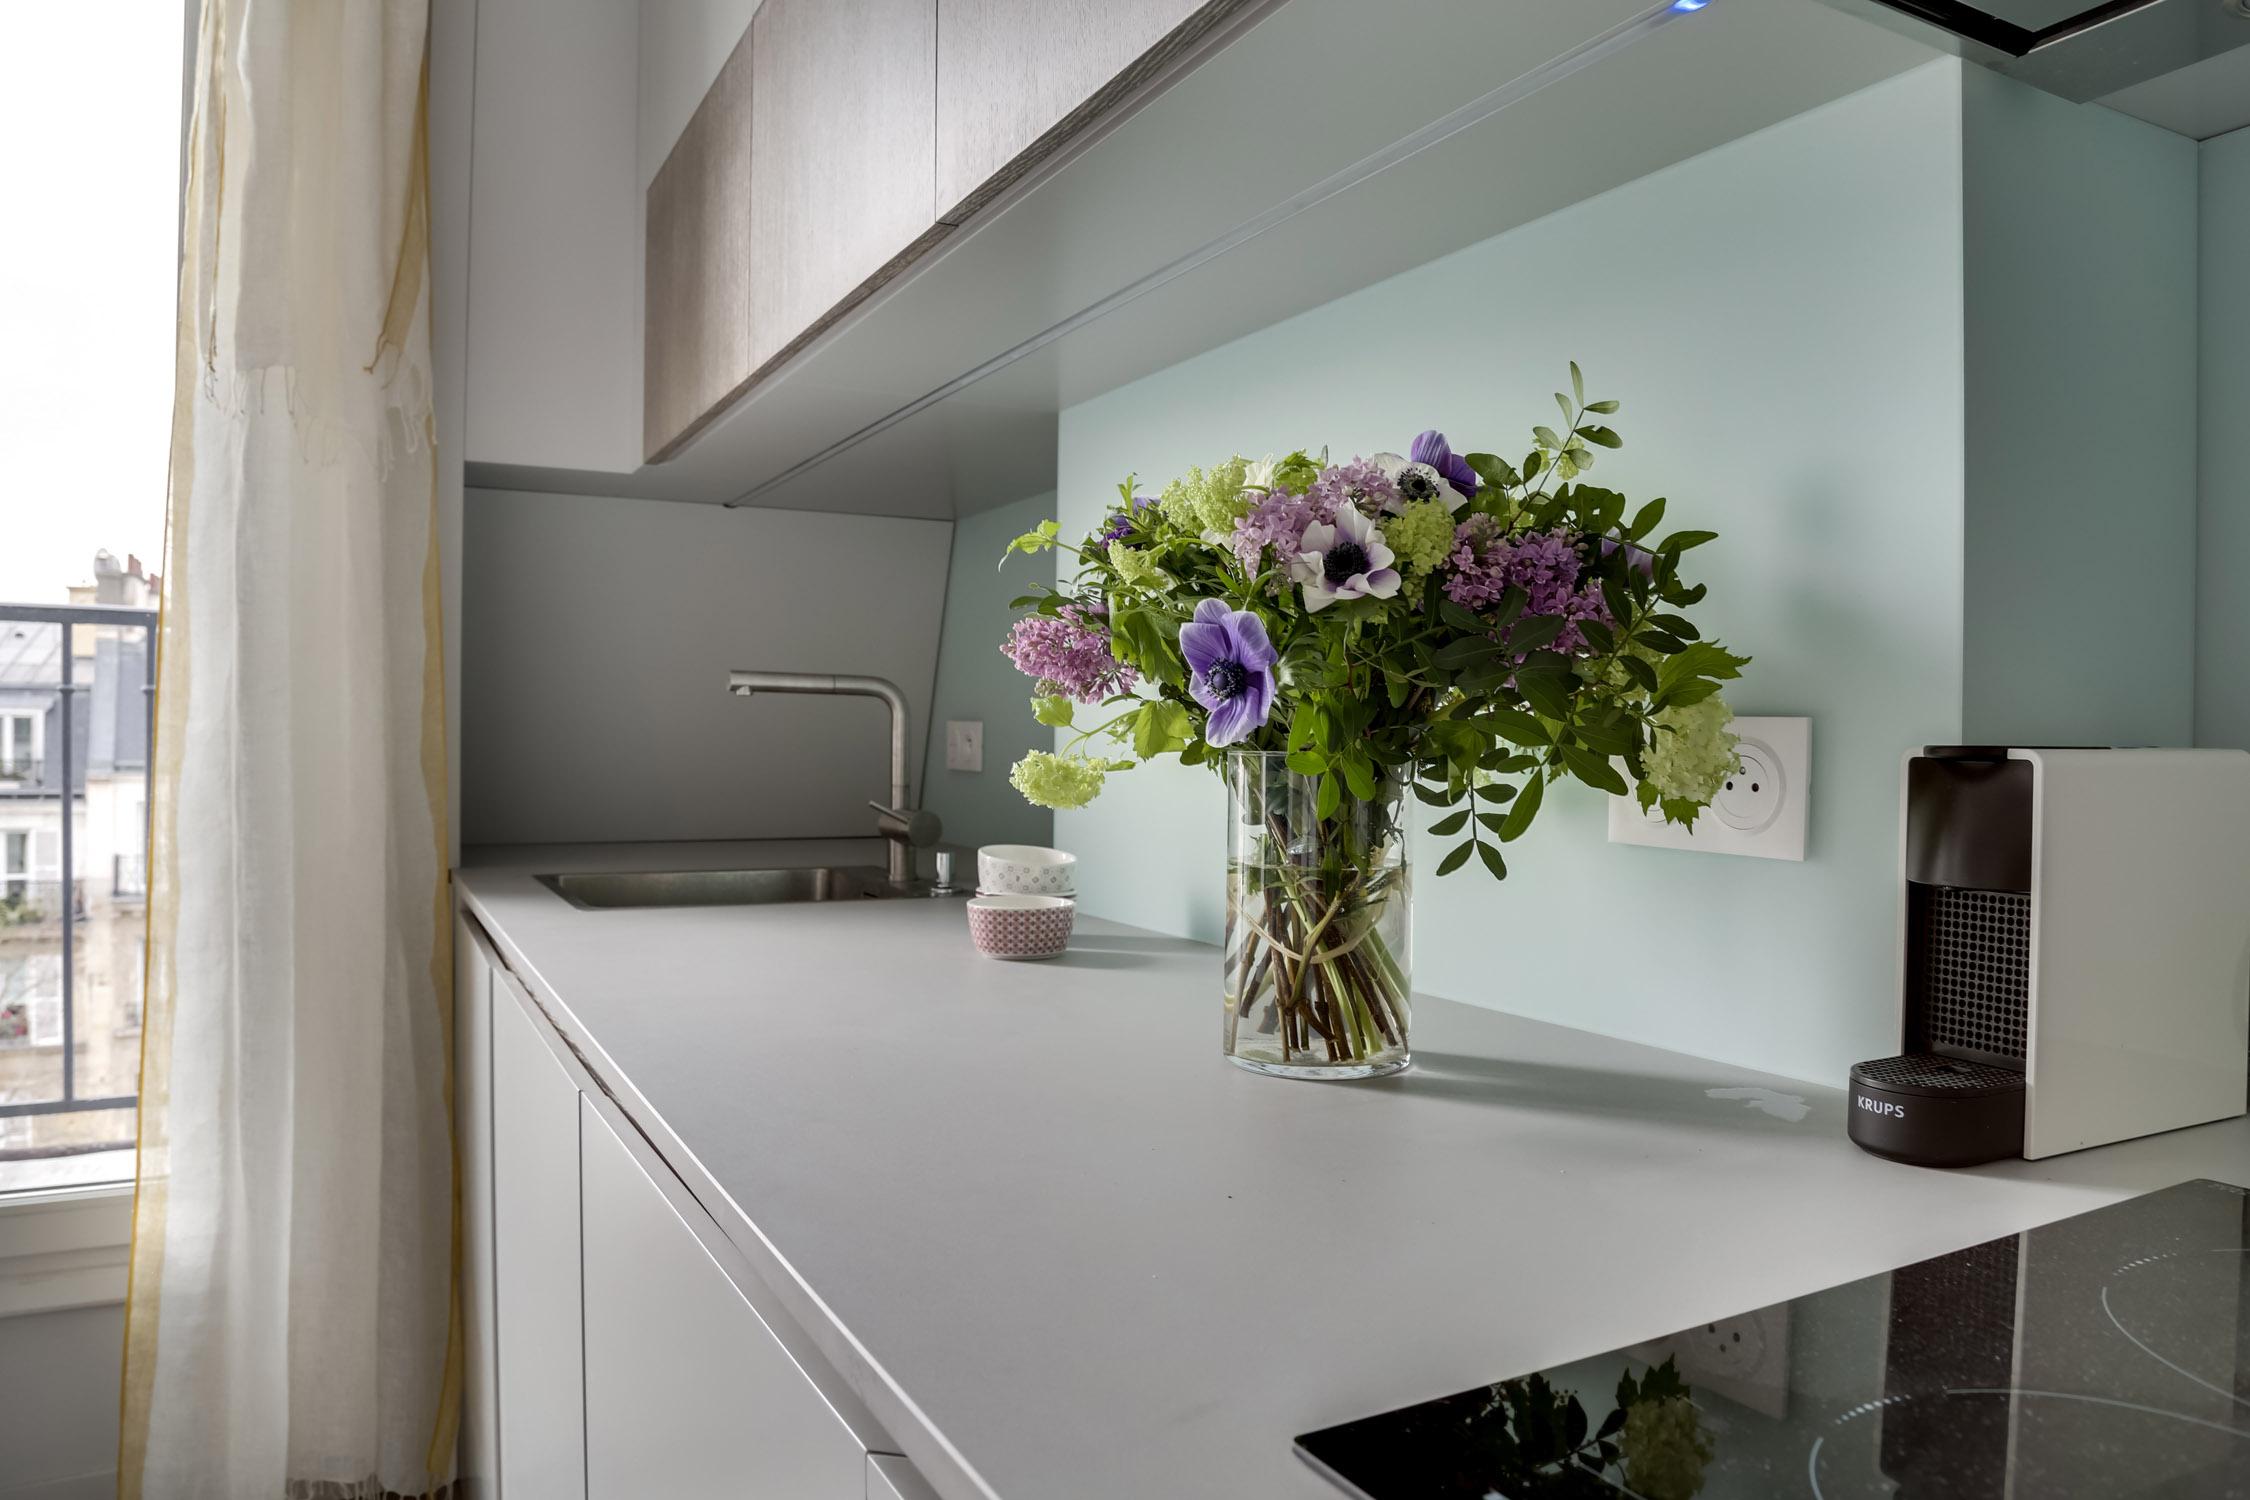 cuisine sur-mesure en laque plan de travail céramique et crédence en verre murs et merveilles